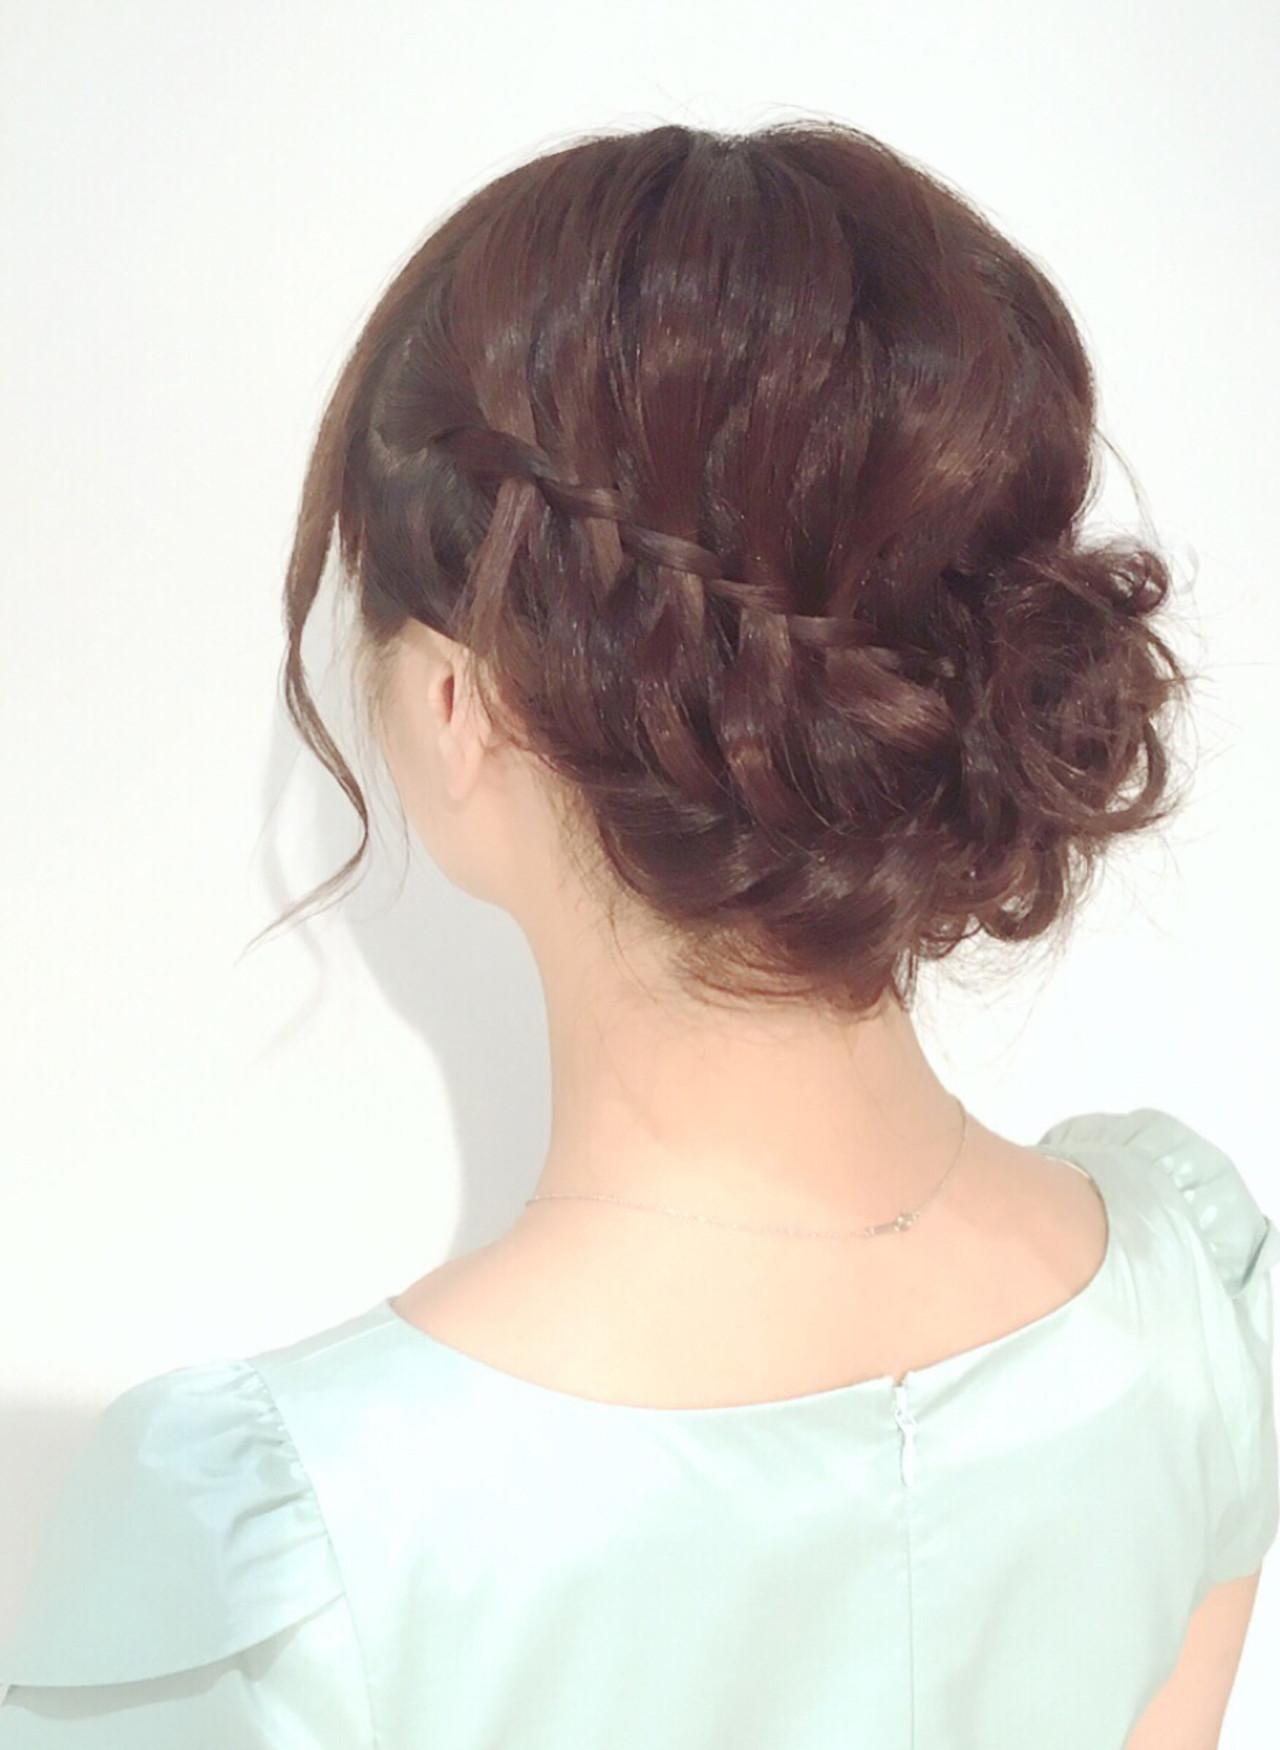 二次会 ヘアアレンジ 編み込み アップスタイル ヘアスタイルや髪型の写真・画像